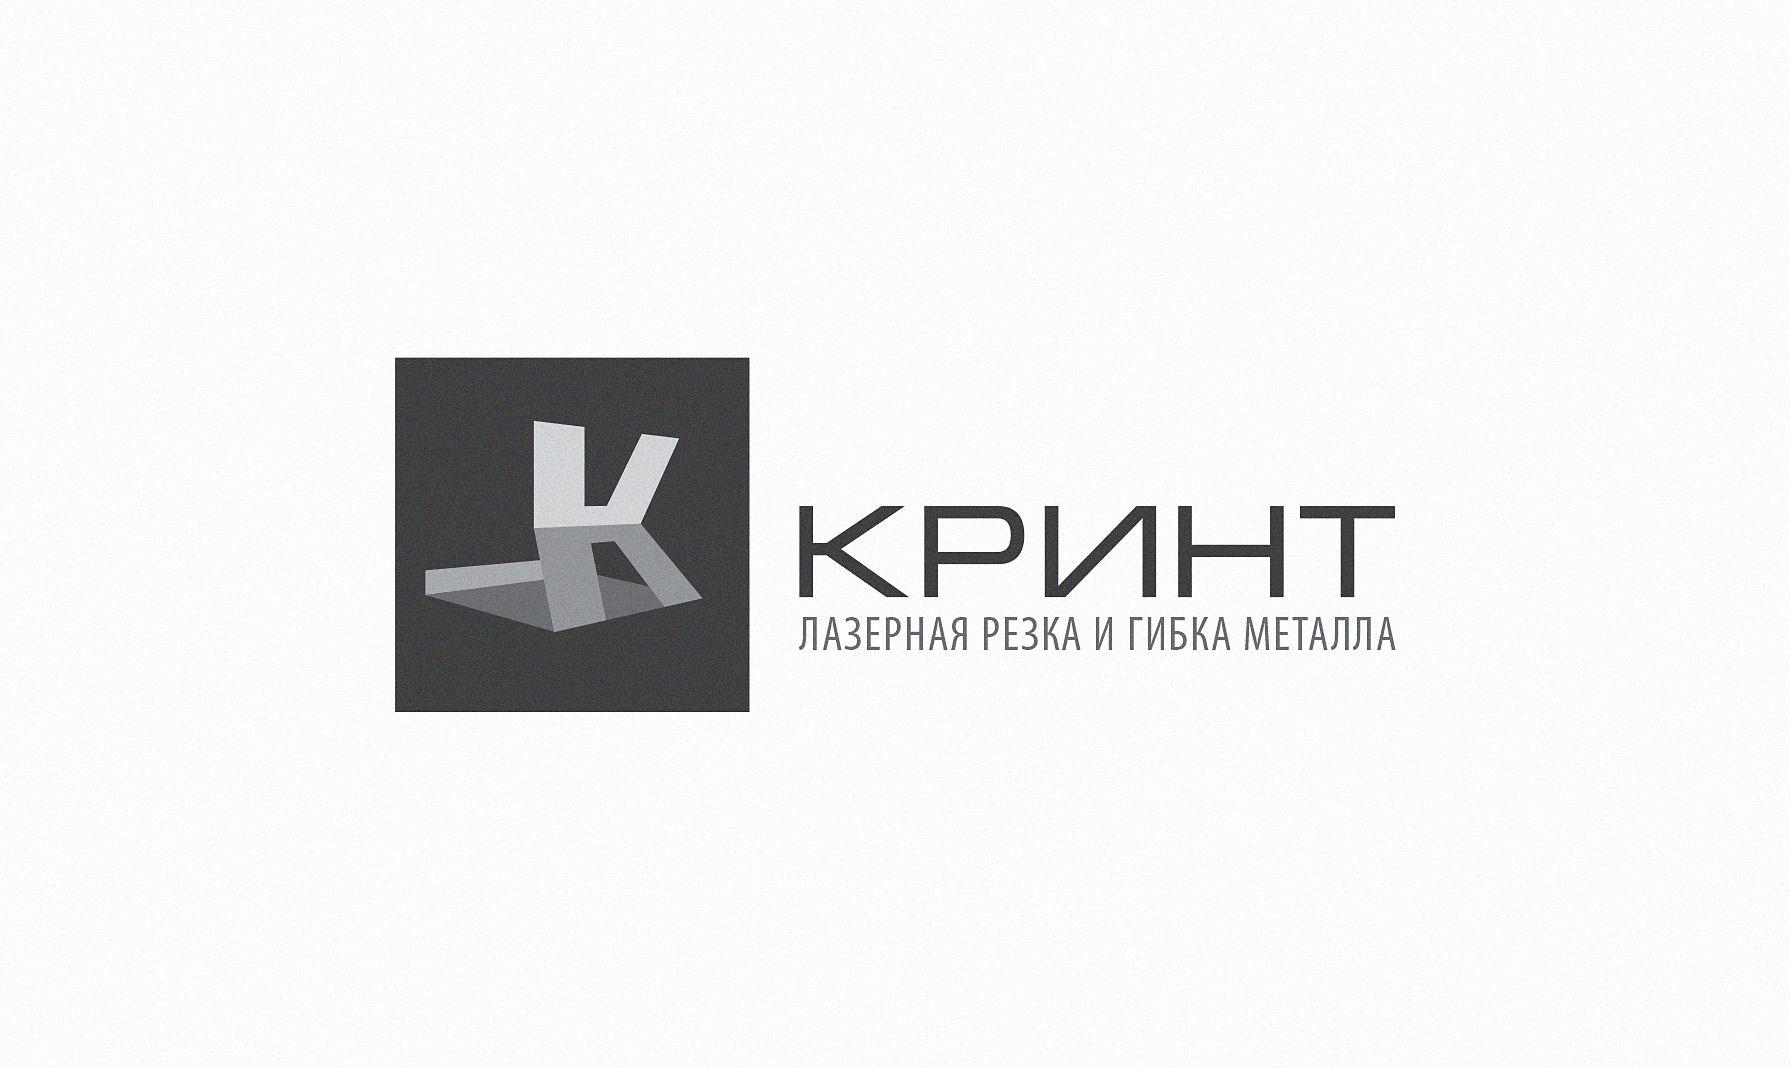 Логотип + фирменный стиль для компании Кринт - дизайнер ChameleonStudio